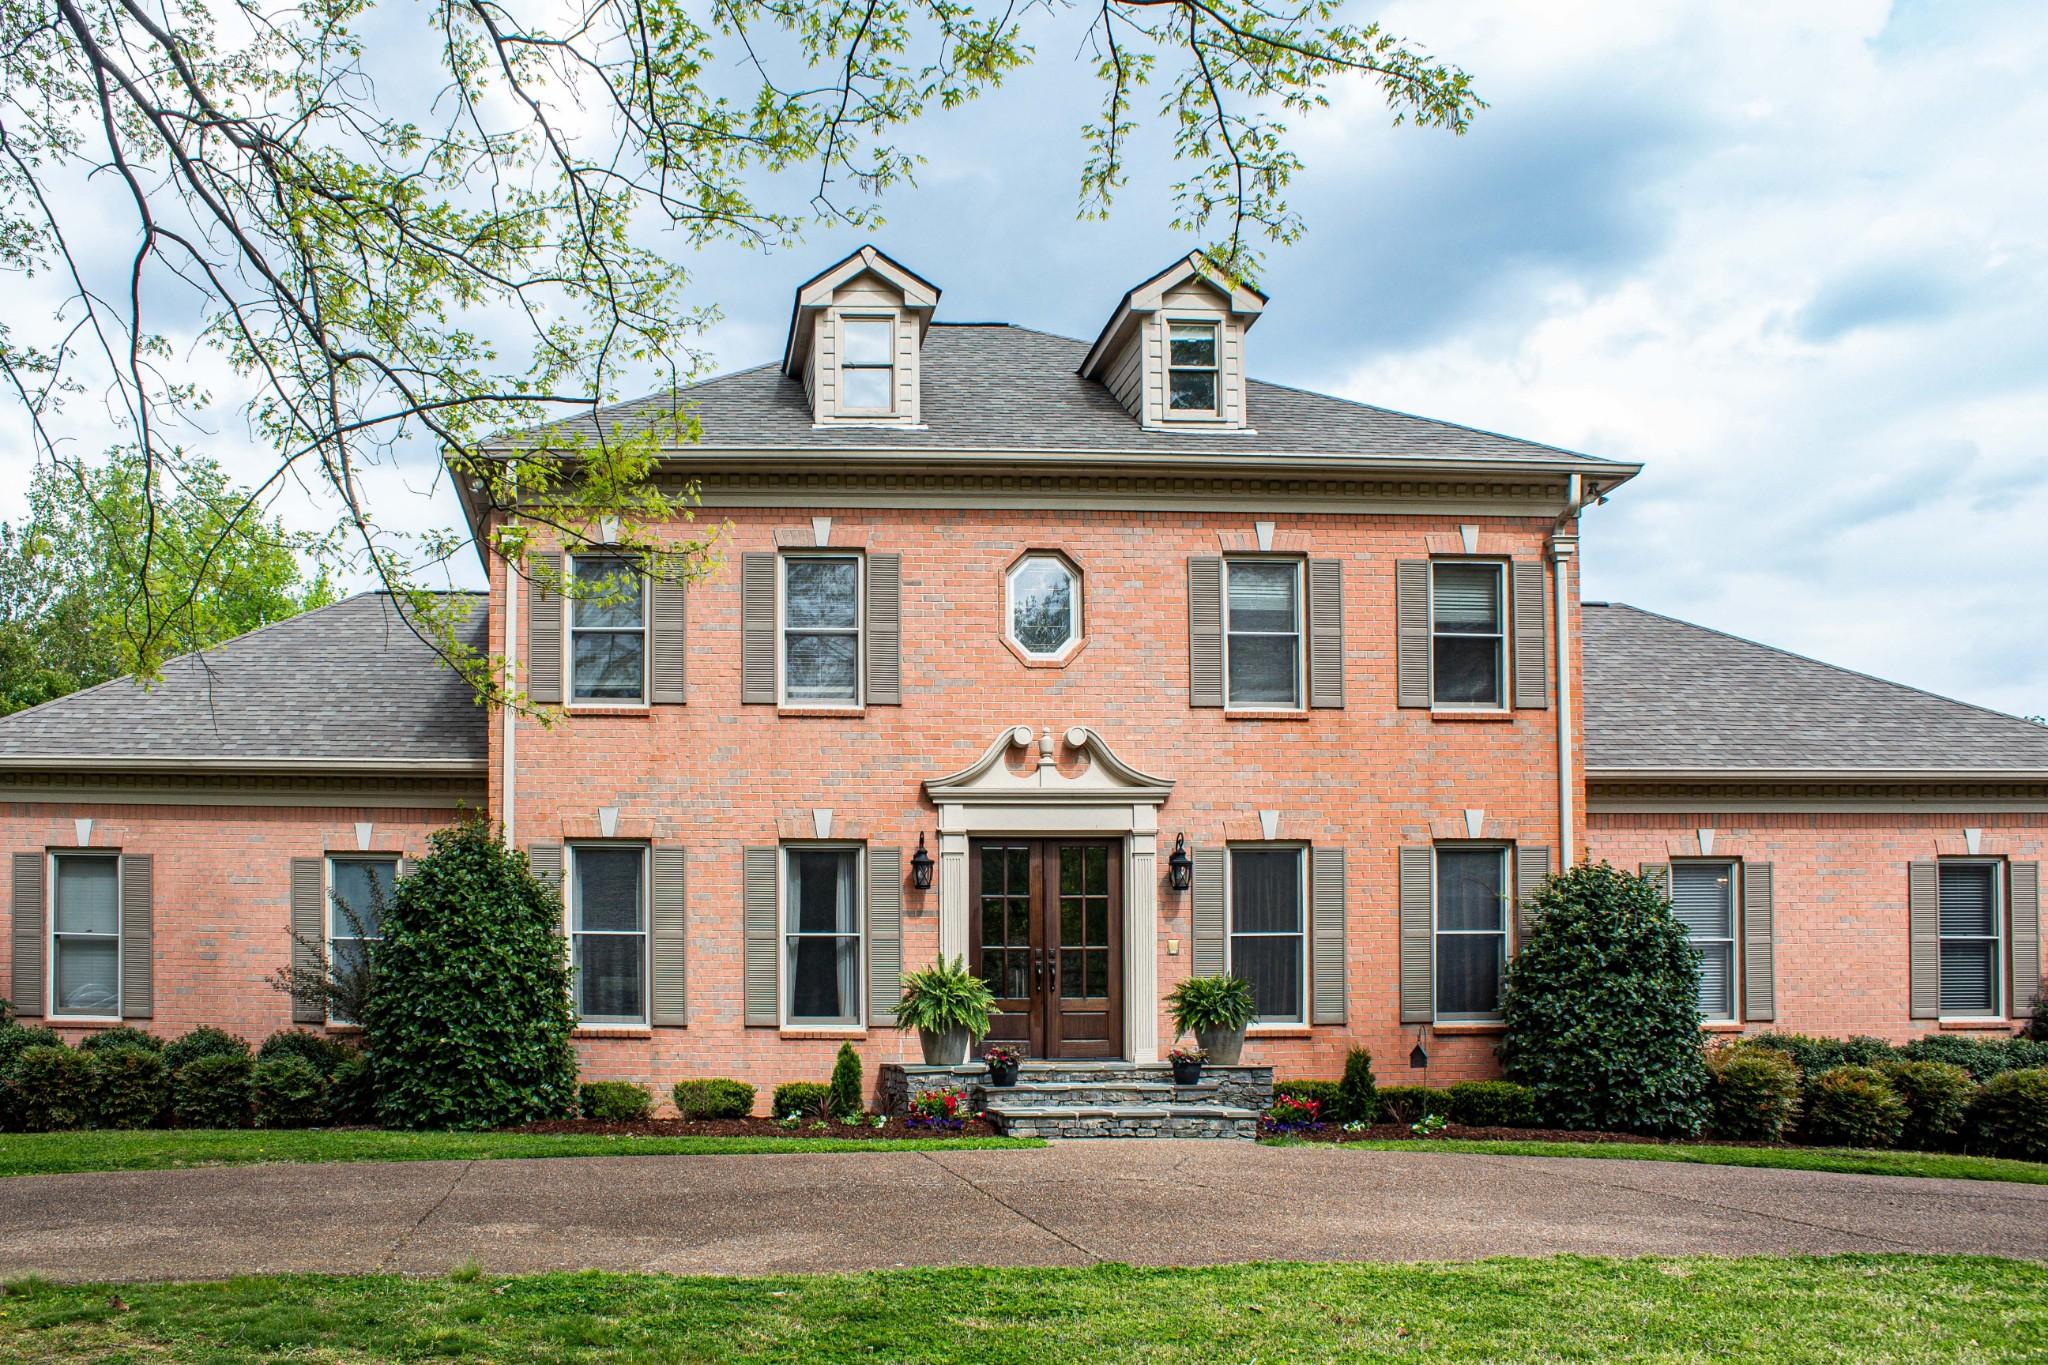 Belle Rive 2 Sec 3 Real Estate Listings Main Image